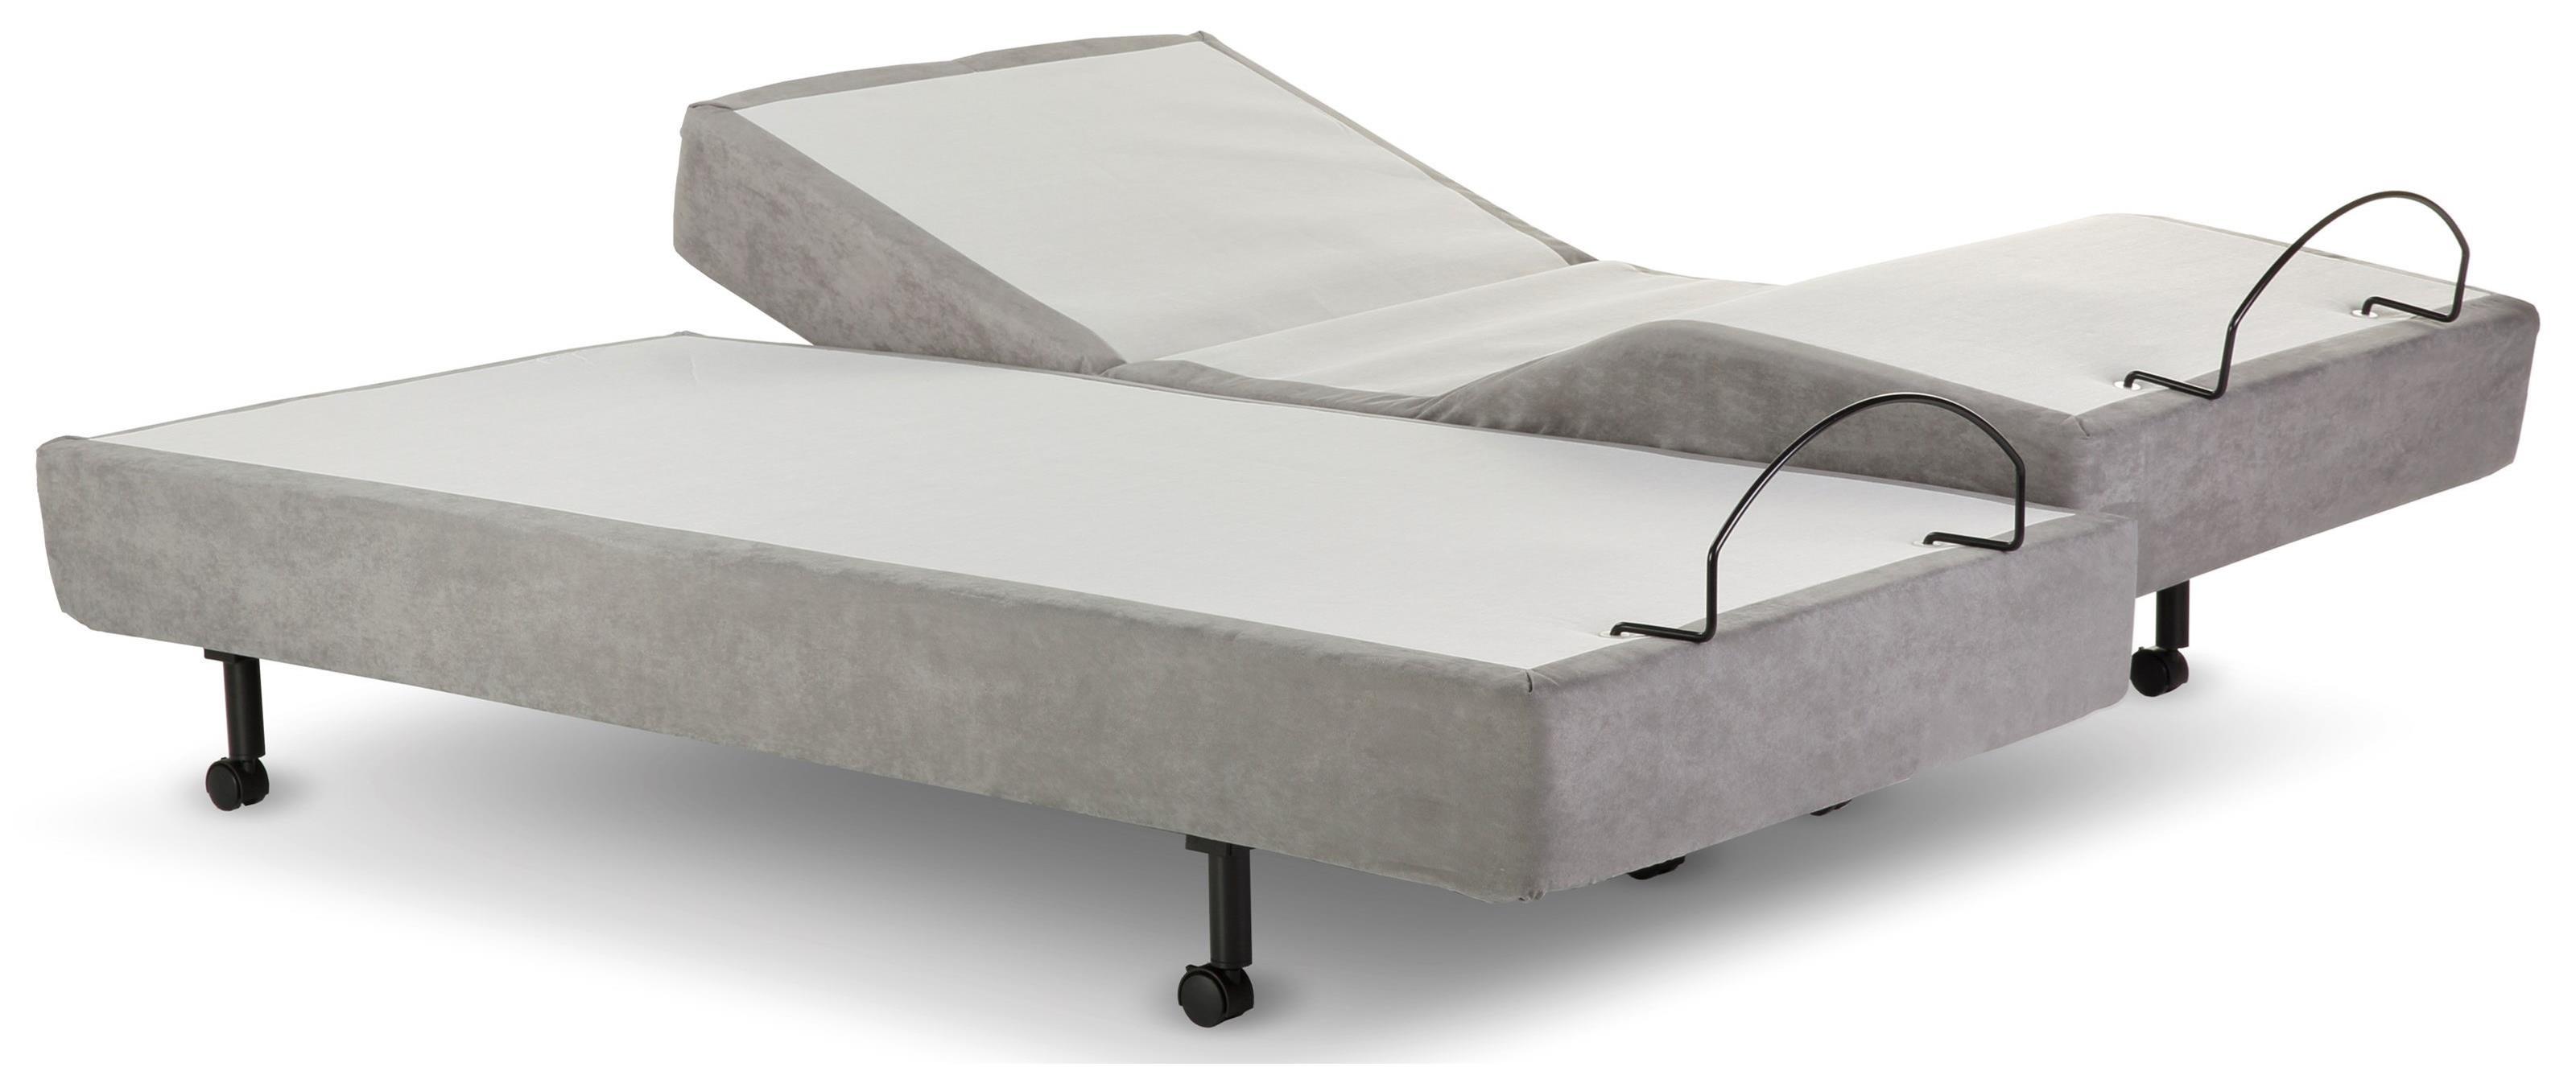 Adjustable C120 Queen Adjustable Base by Leggett & Platt at Dream Home Interiors